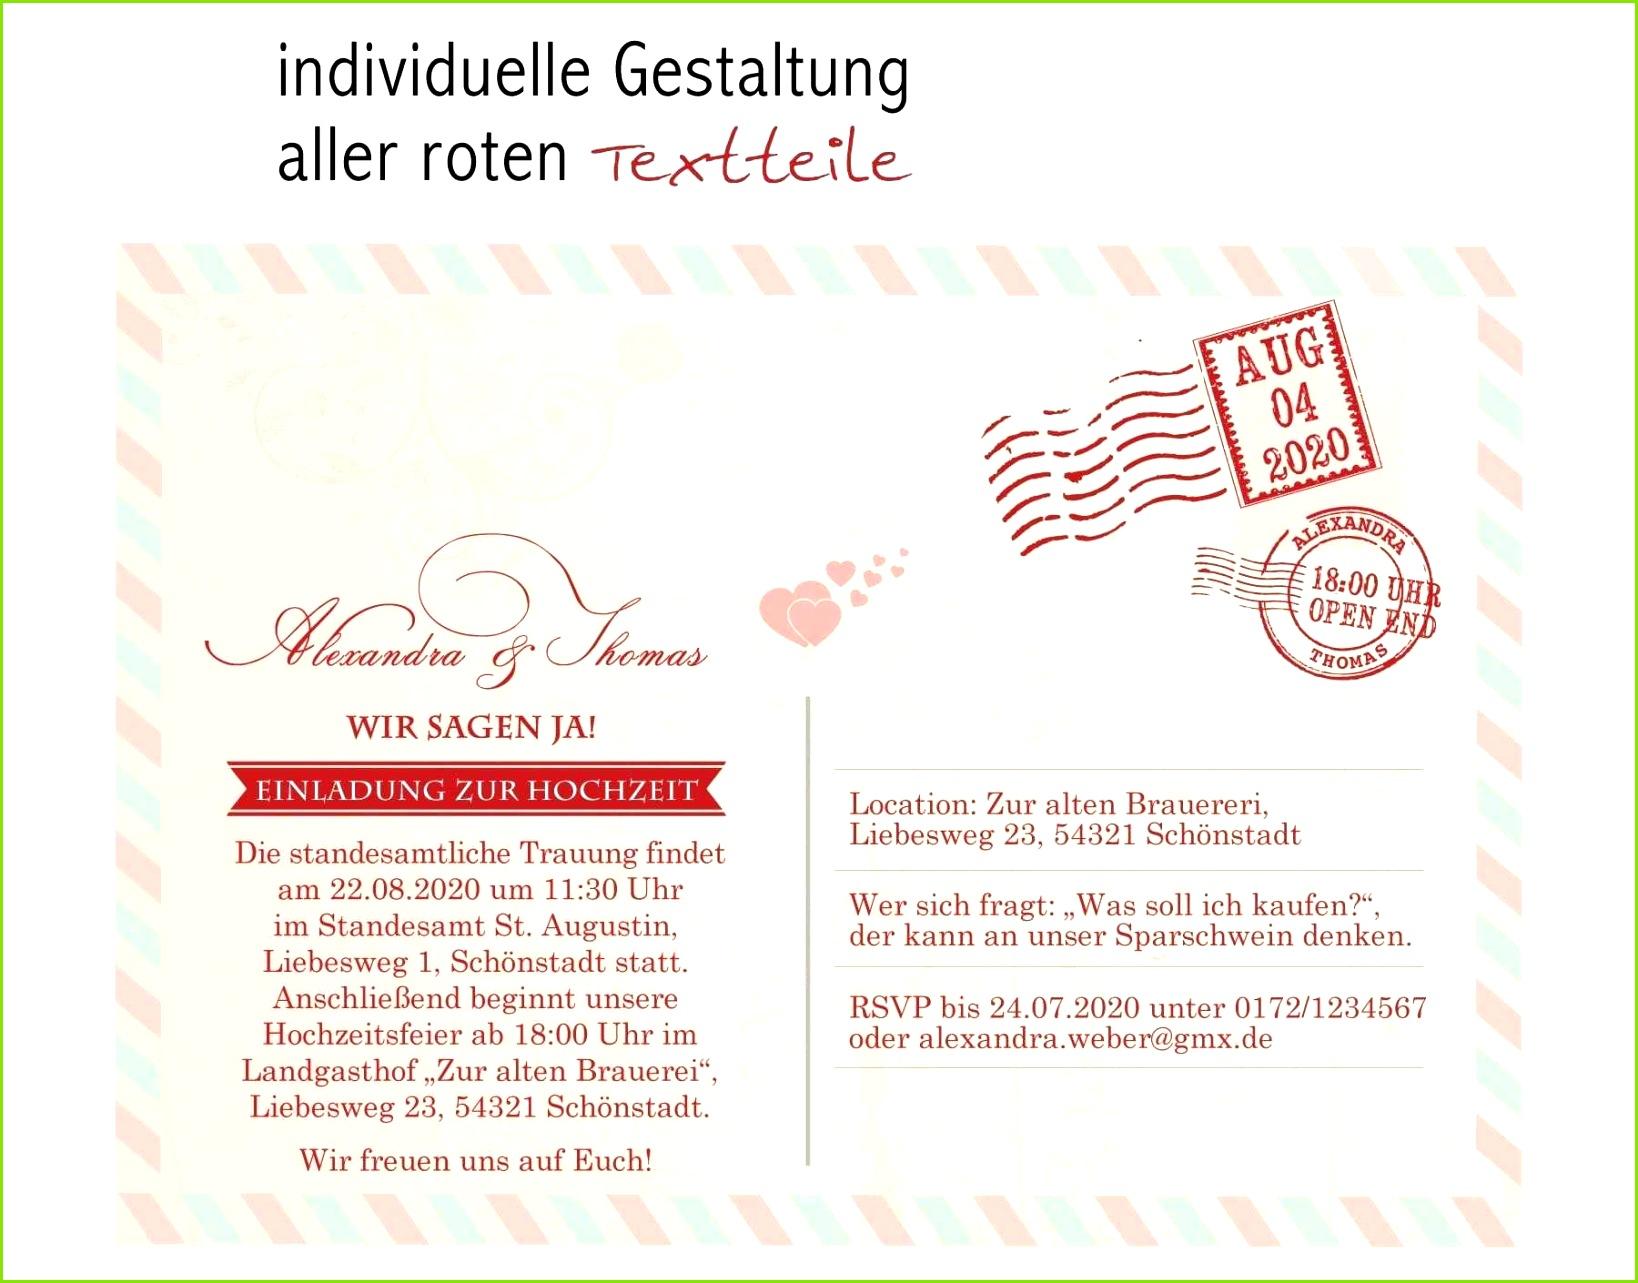 Postkarte Vorlage Luxus Vorlage Postkarte Jetzt Herunterladen Media Image 0d 59 82